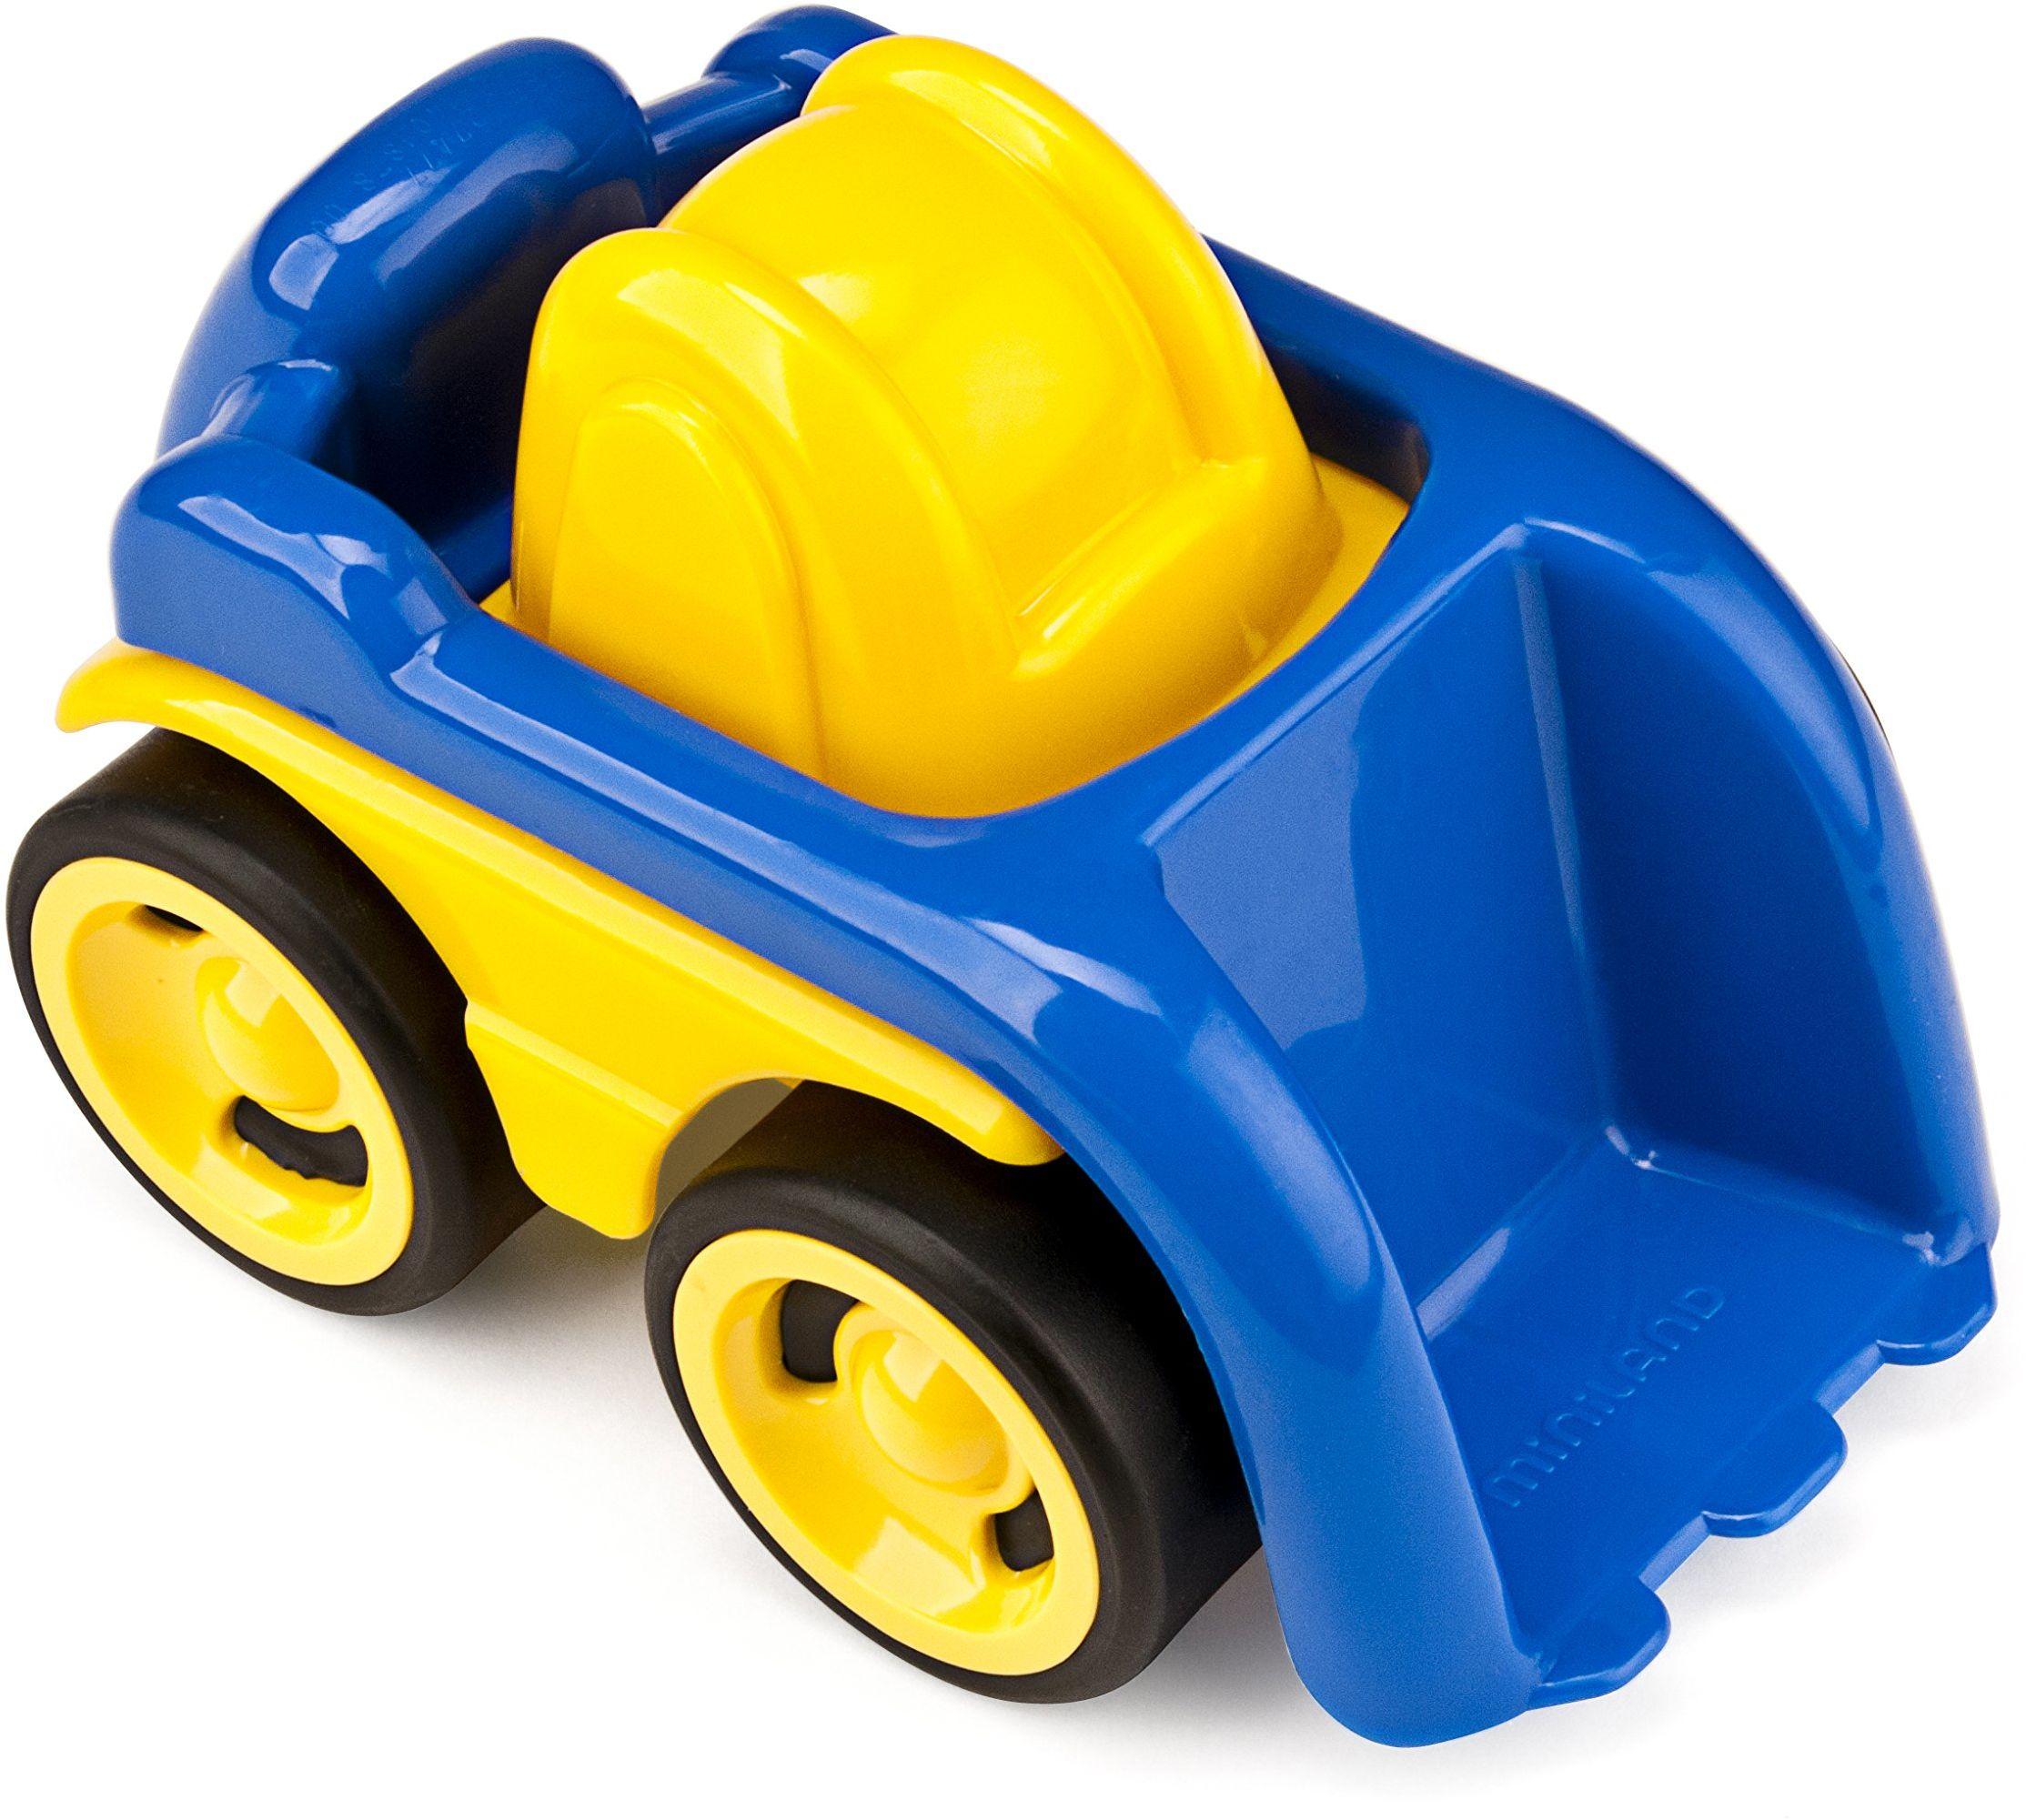 Miniland 27467 - Minimobil Dumpy koparka opakowanie pojedyncze